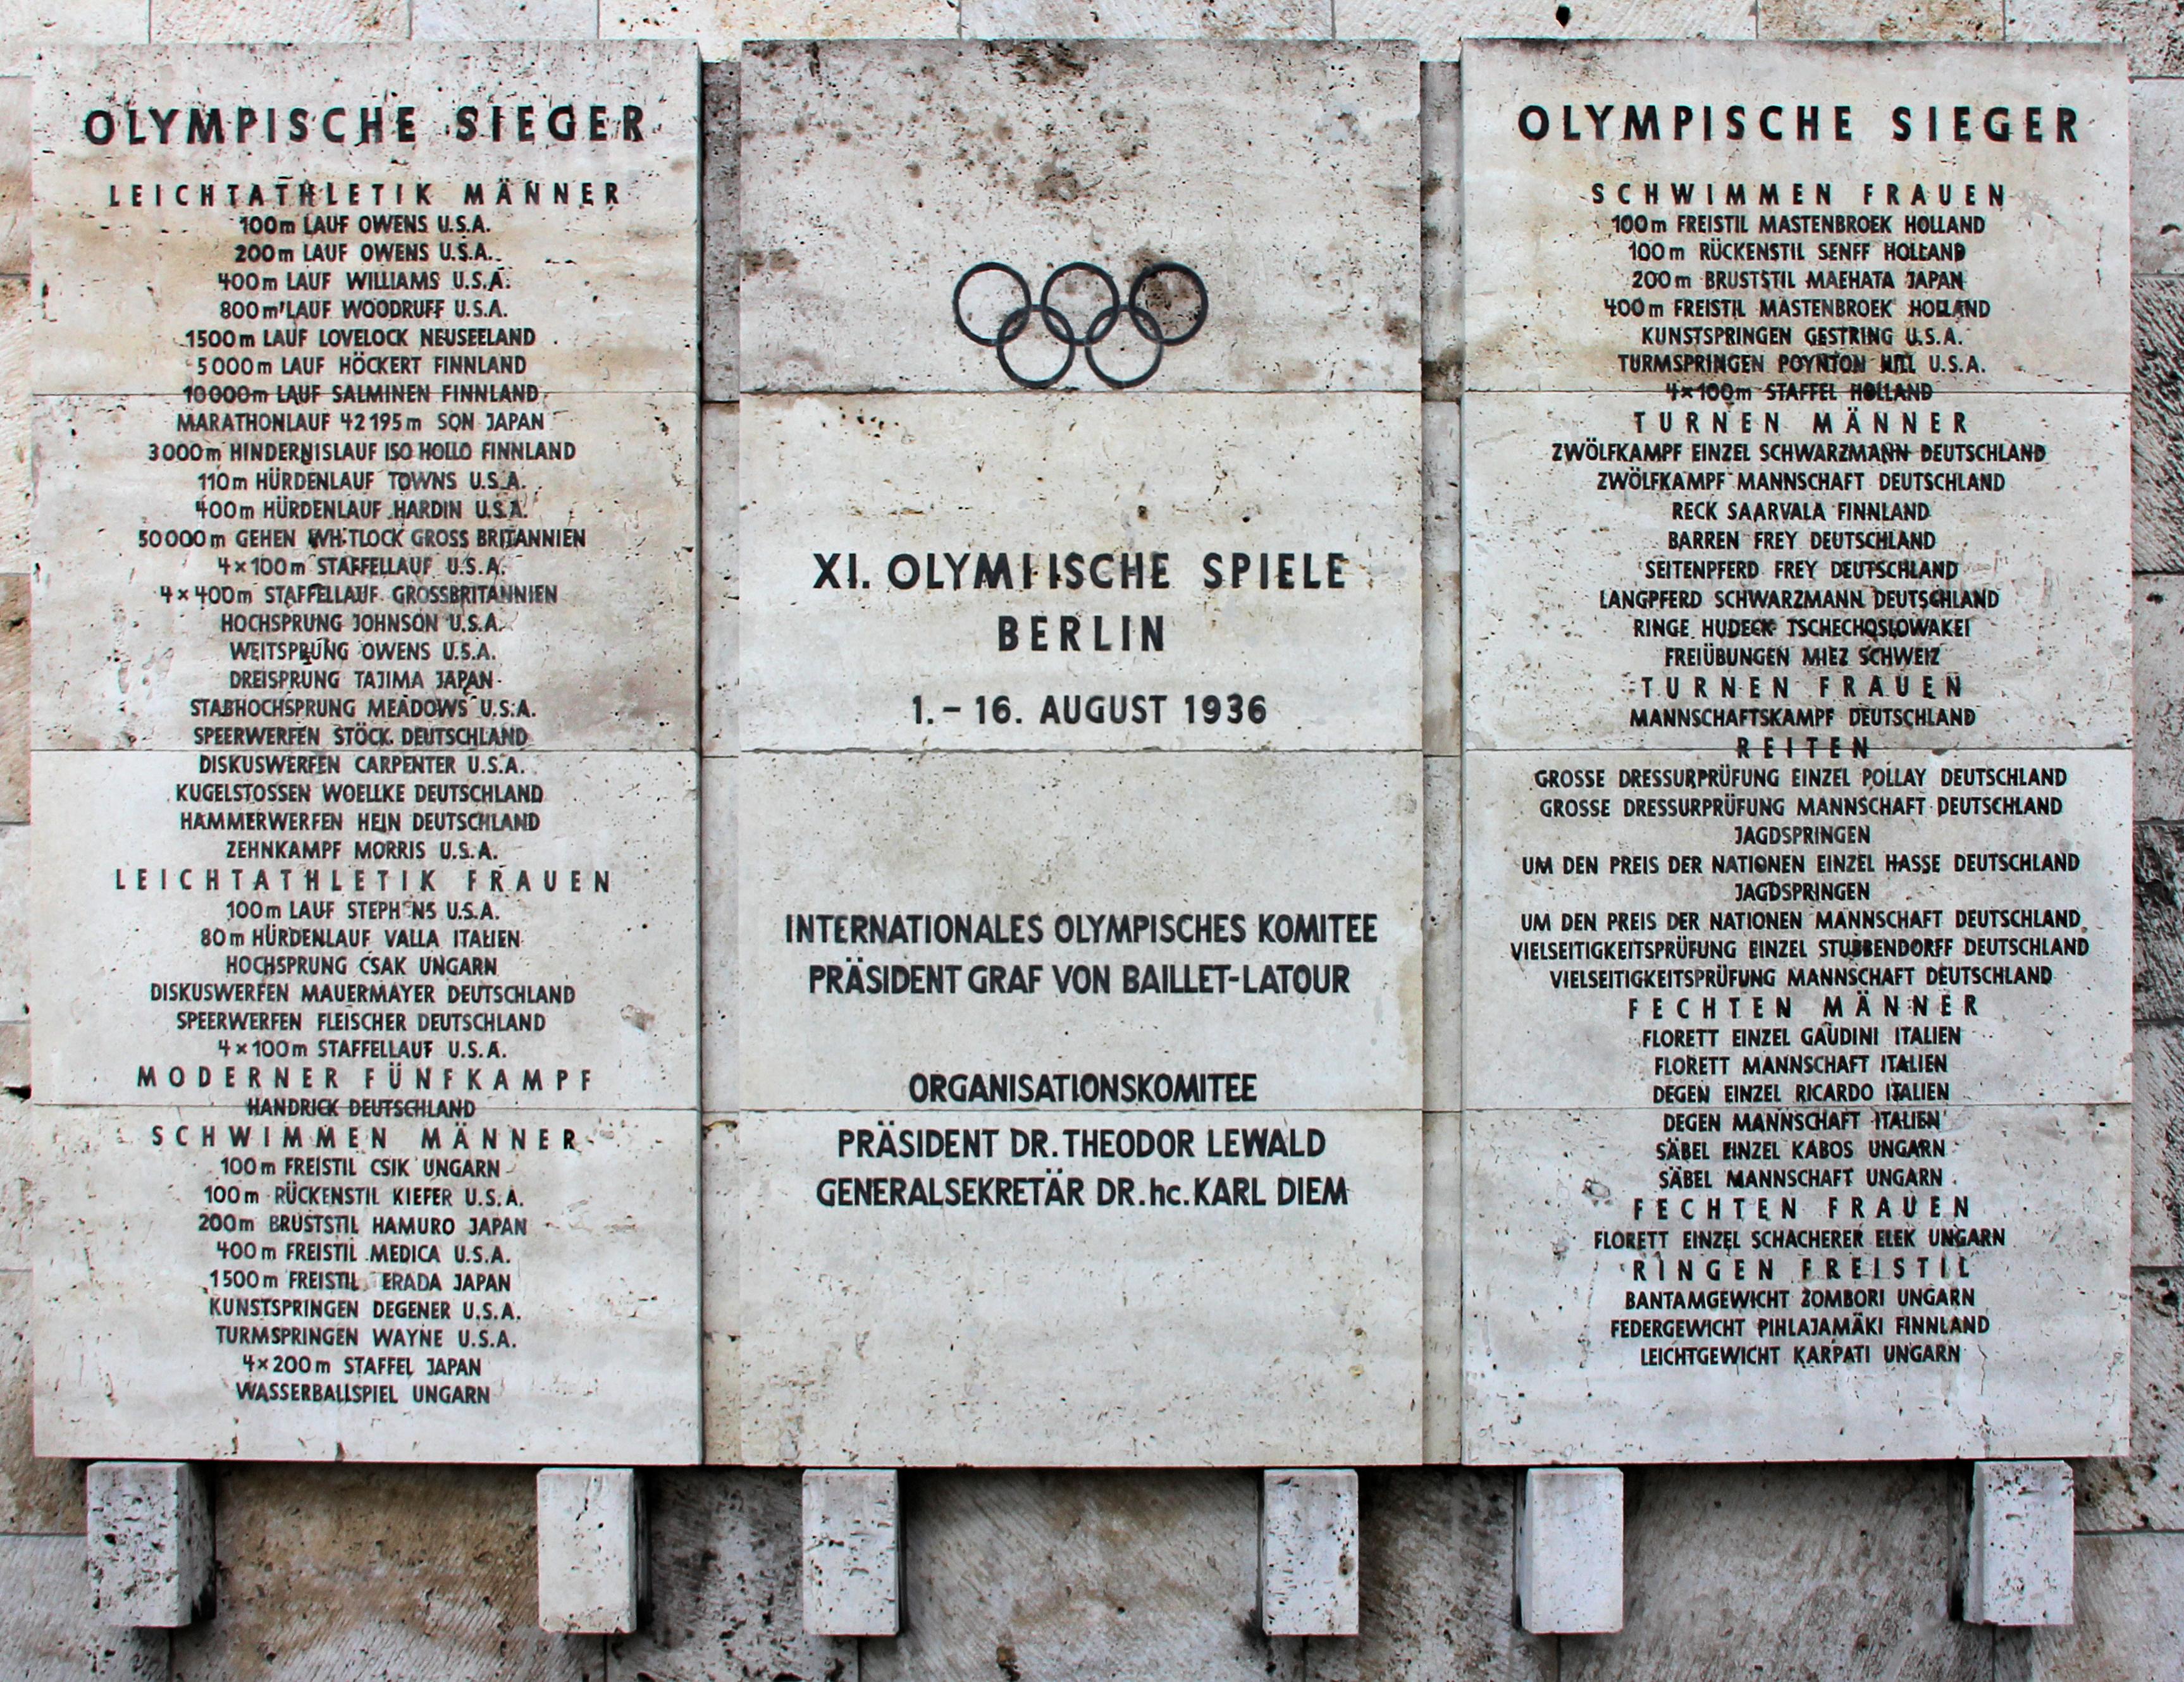 medaillengewinner olympische spiele